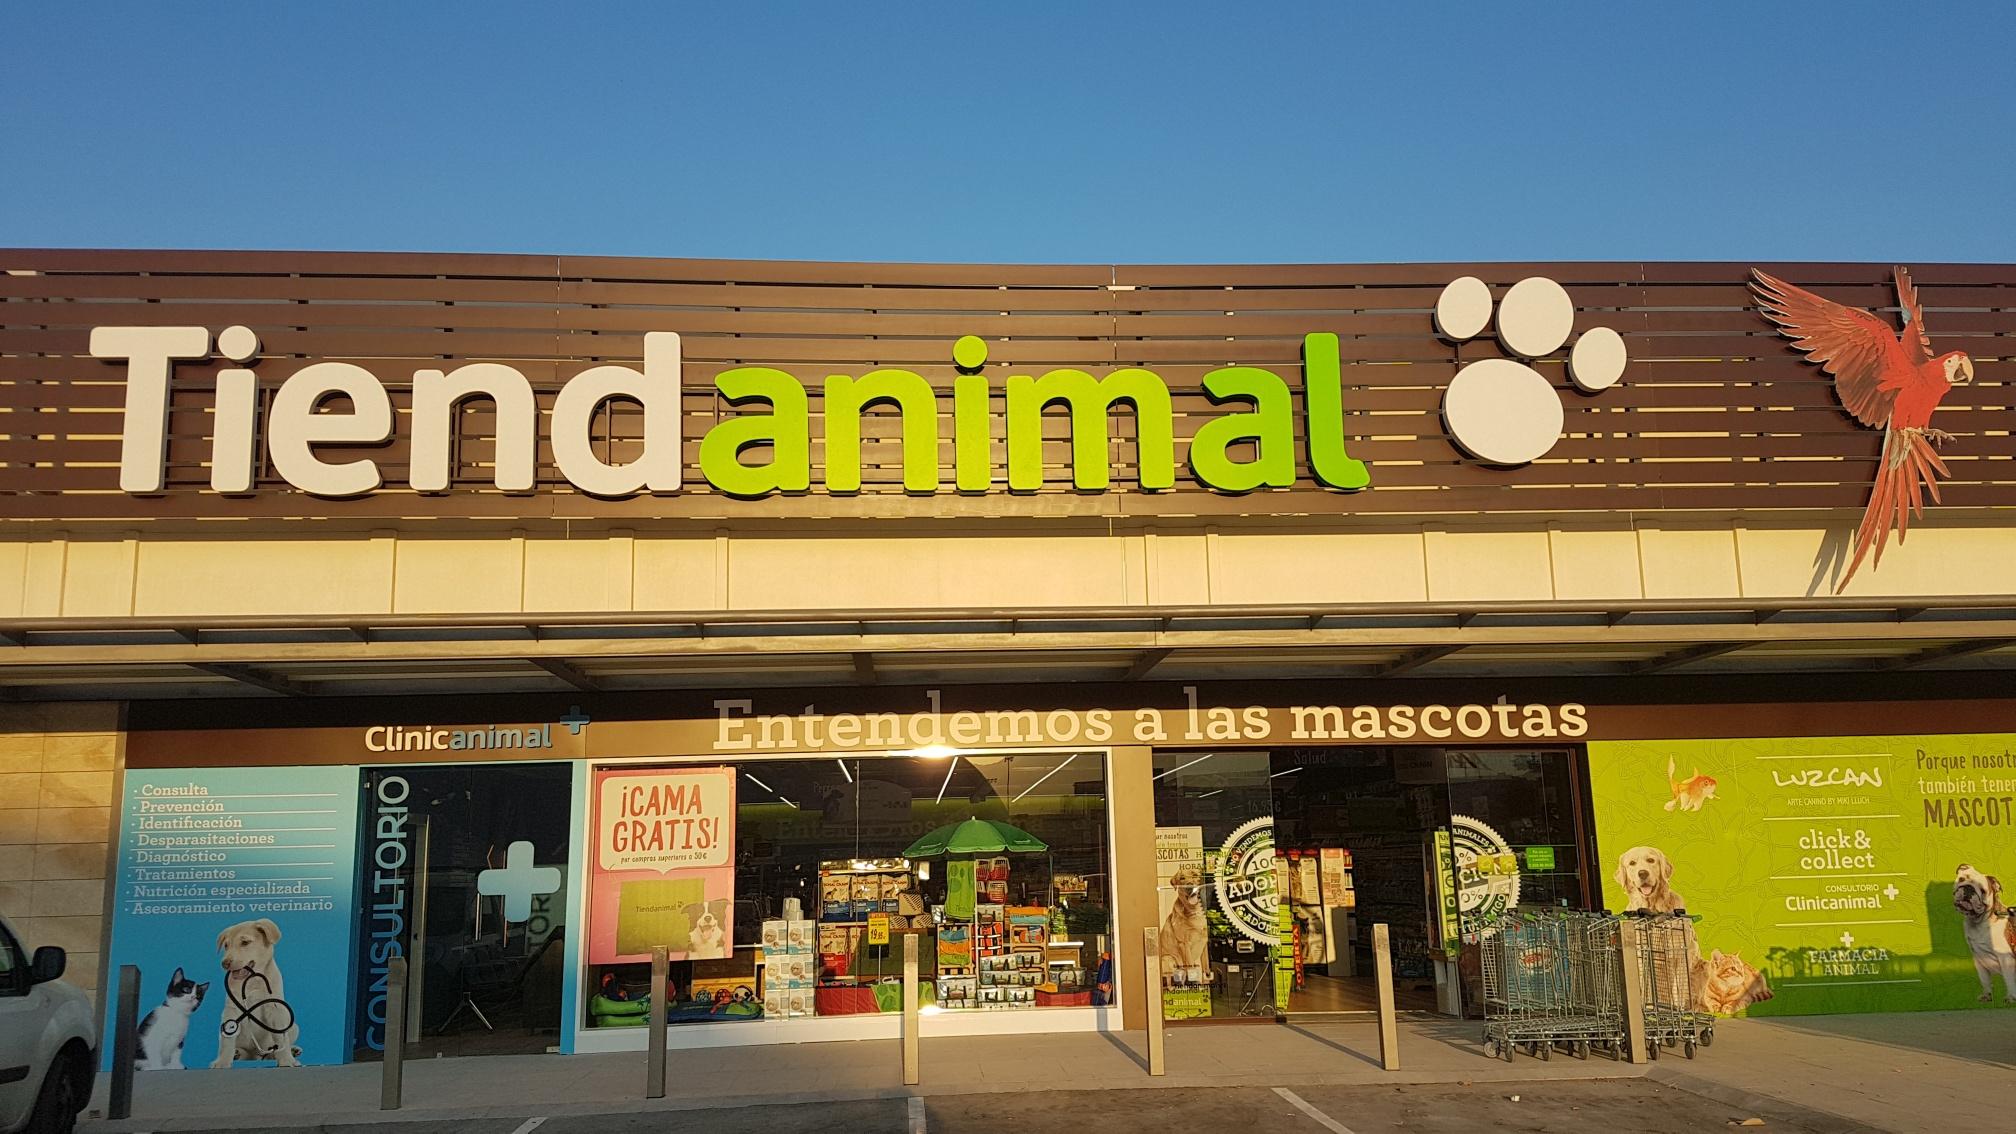 b33b16a71726 Tienda Mascotas en Granada - Pulianas - Tiendanimal